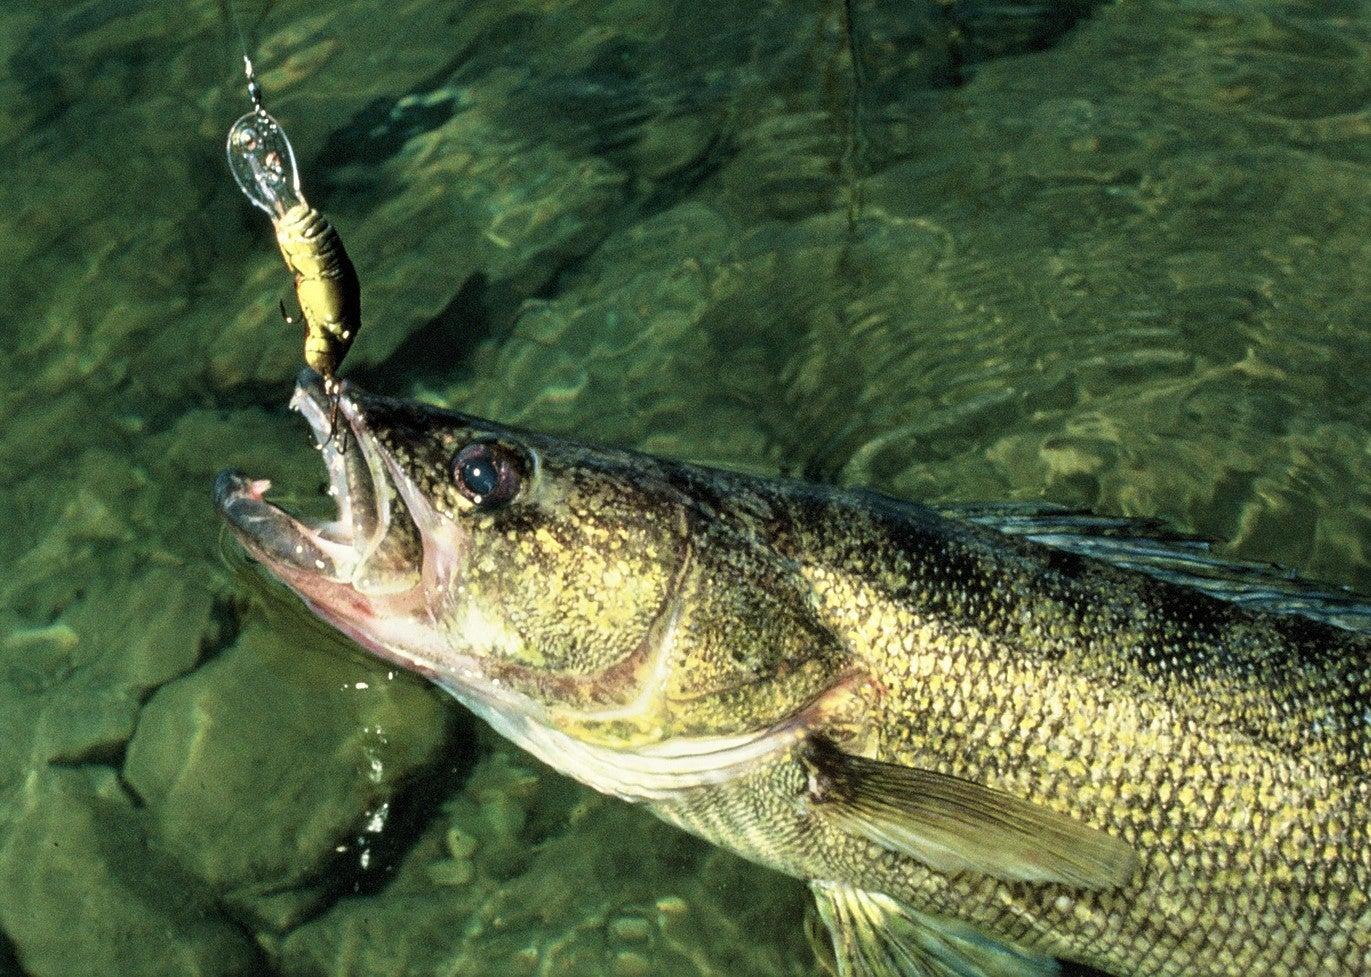 Walleye regulations on Minnesota Mille Lacs lake will allow walleye harvest